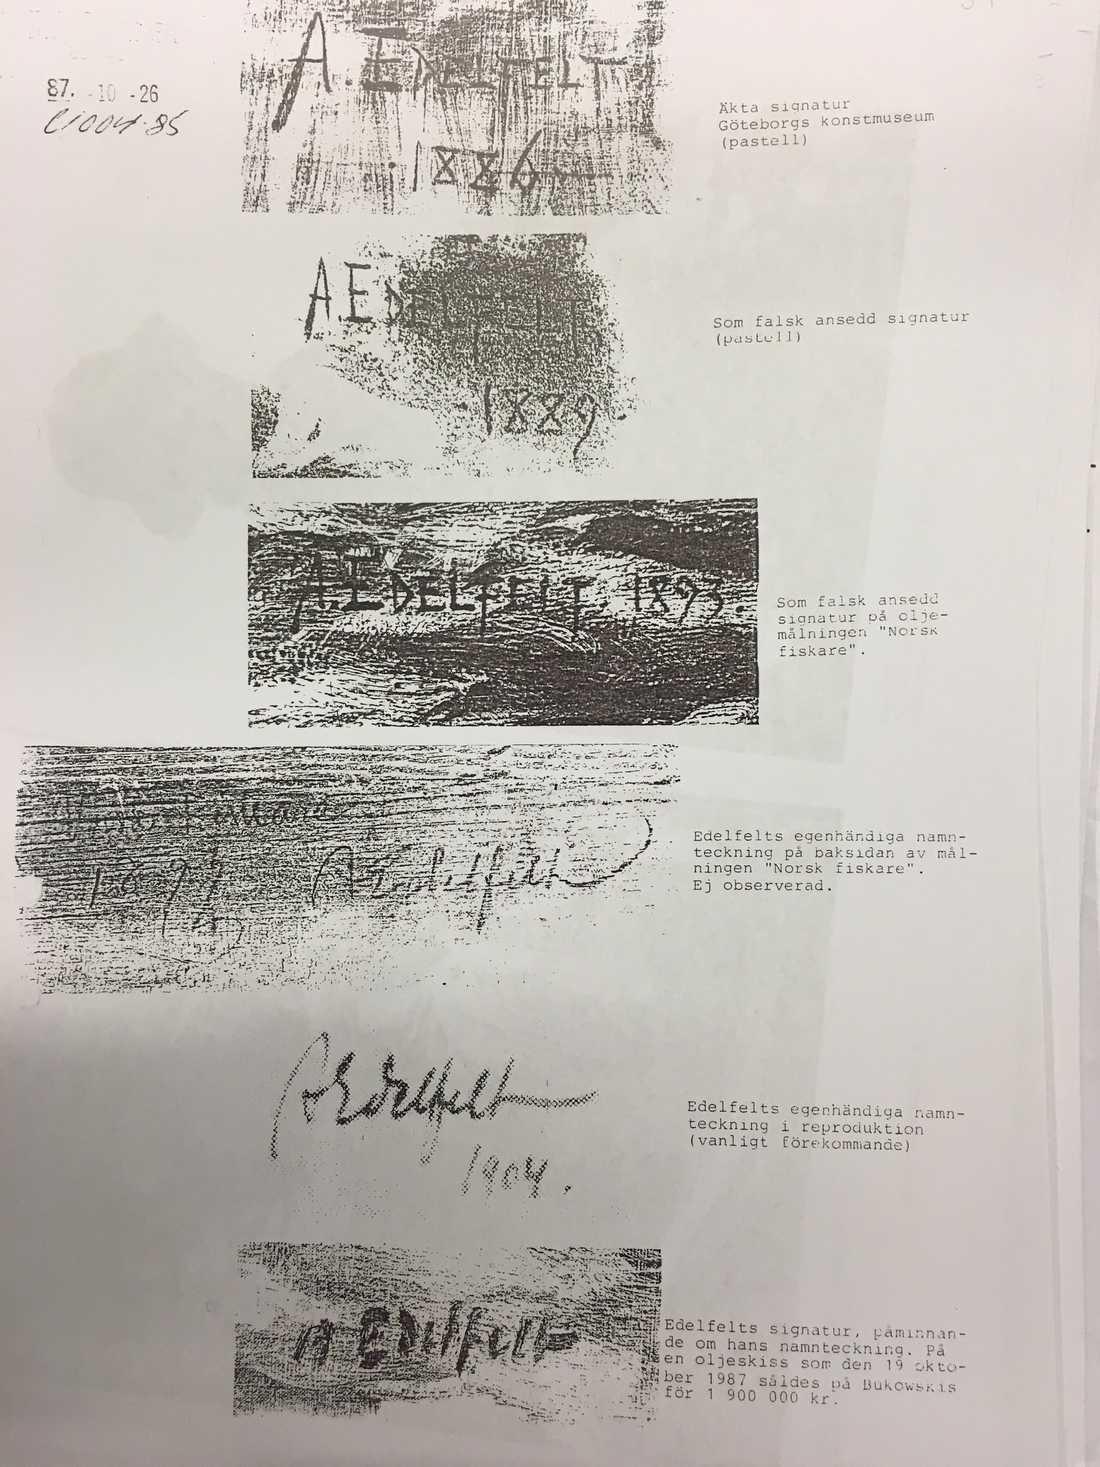 Polisen jämförde 68-åringens falska signaturer med signaturer från Albert Edelfelt som konstaterats äkta.